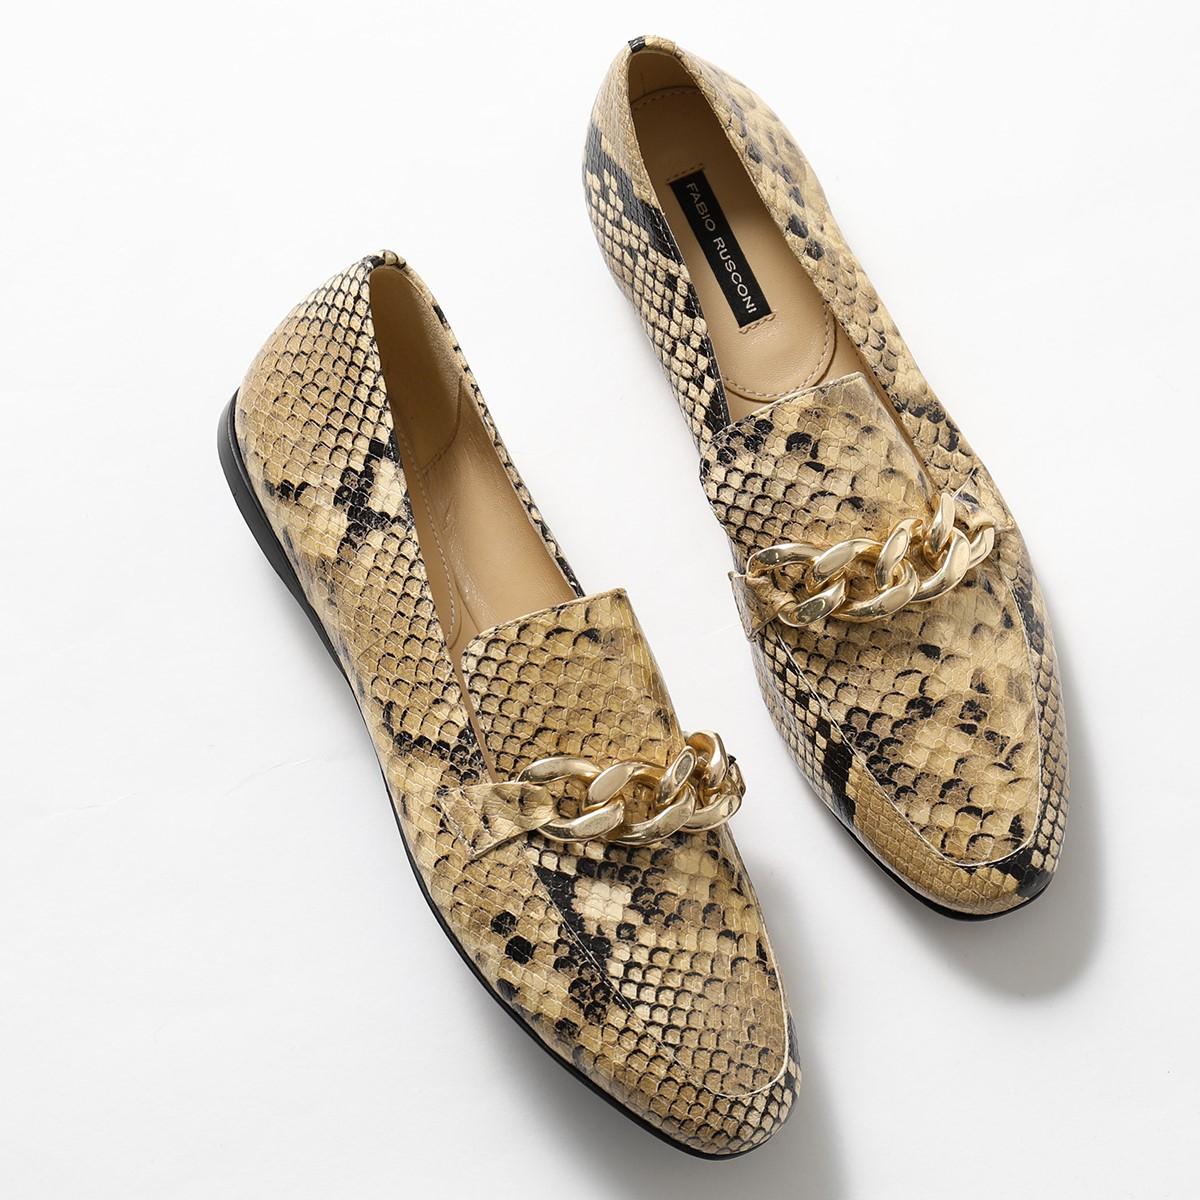 グッドプライス 大きいサイズ有 2020年秋冬新作 FABIO RUSCONI ファビオルスコーニ F 5280 レザー SABBIA-A113 毎日がバーゲンセール レディース 靴 パイソン パンプス ローファー PITONE 本物